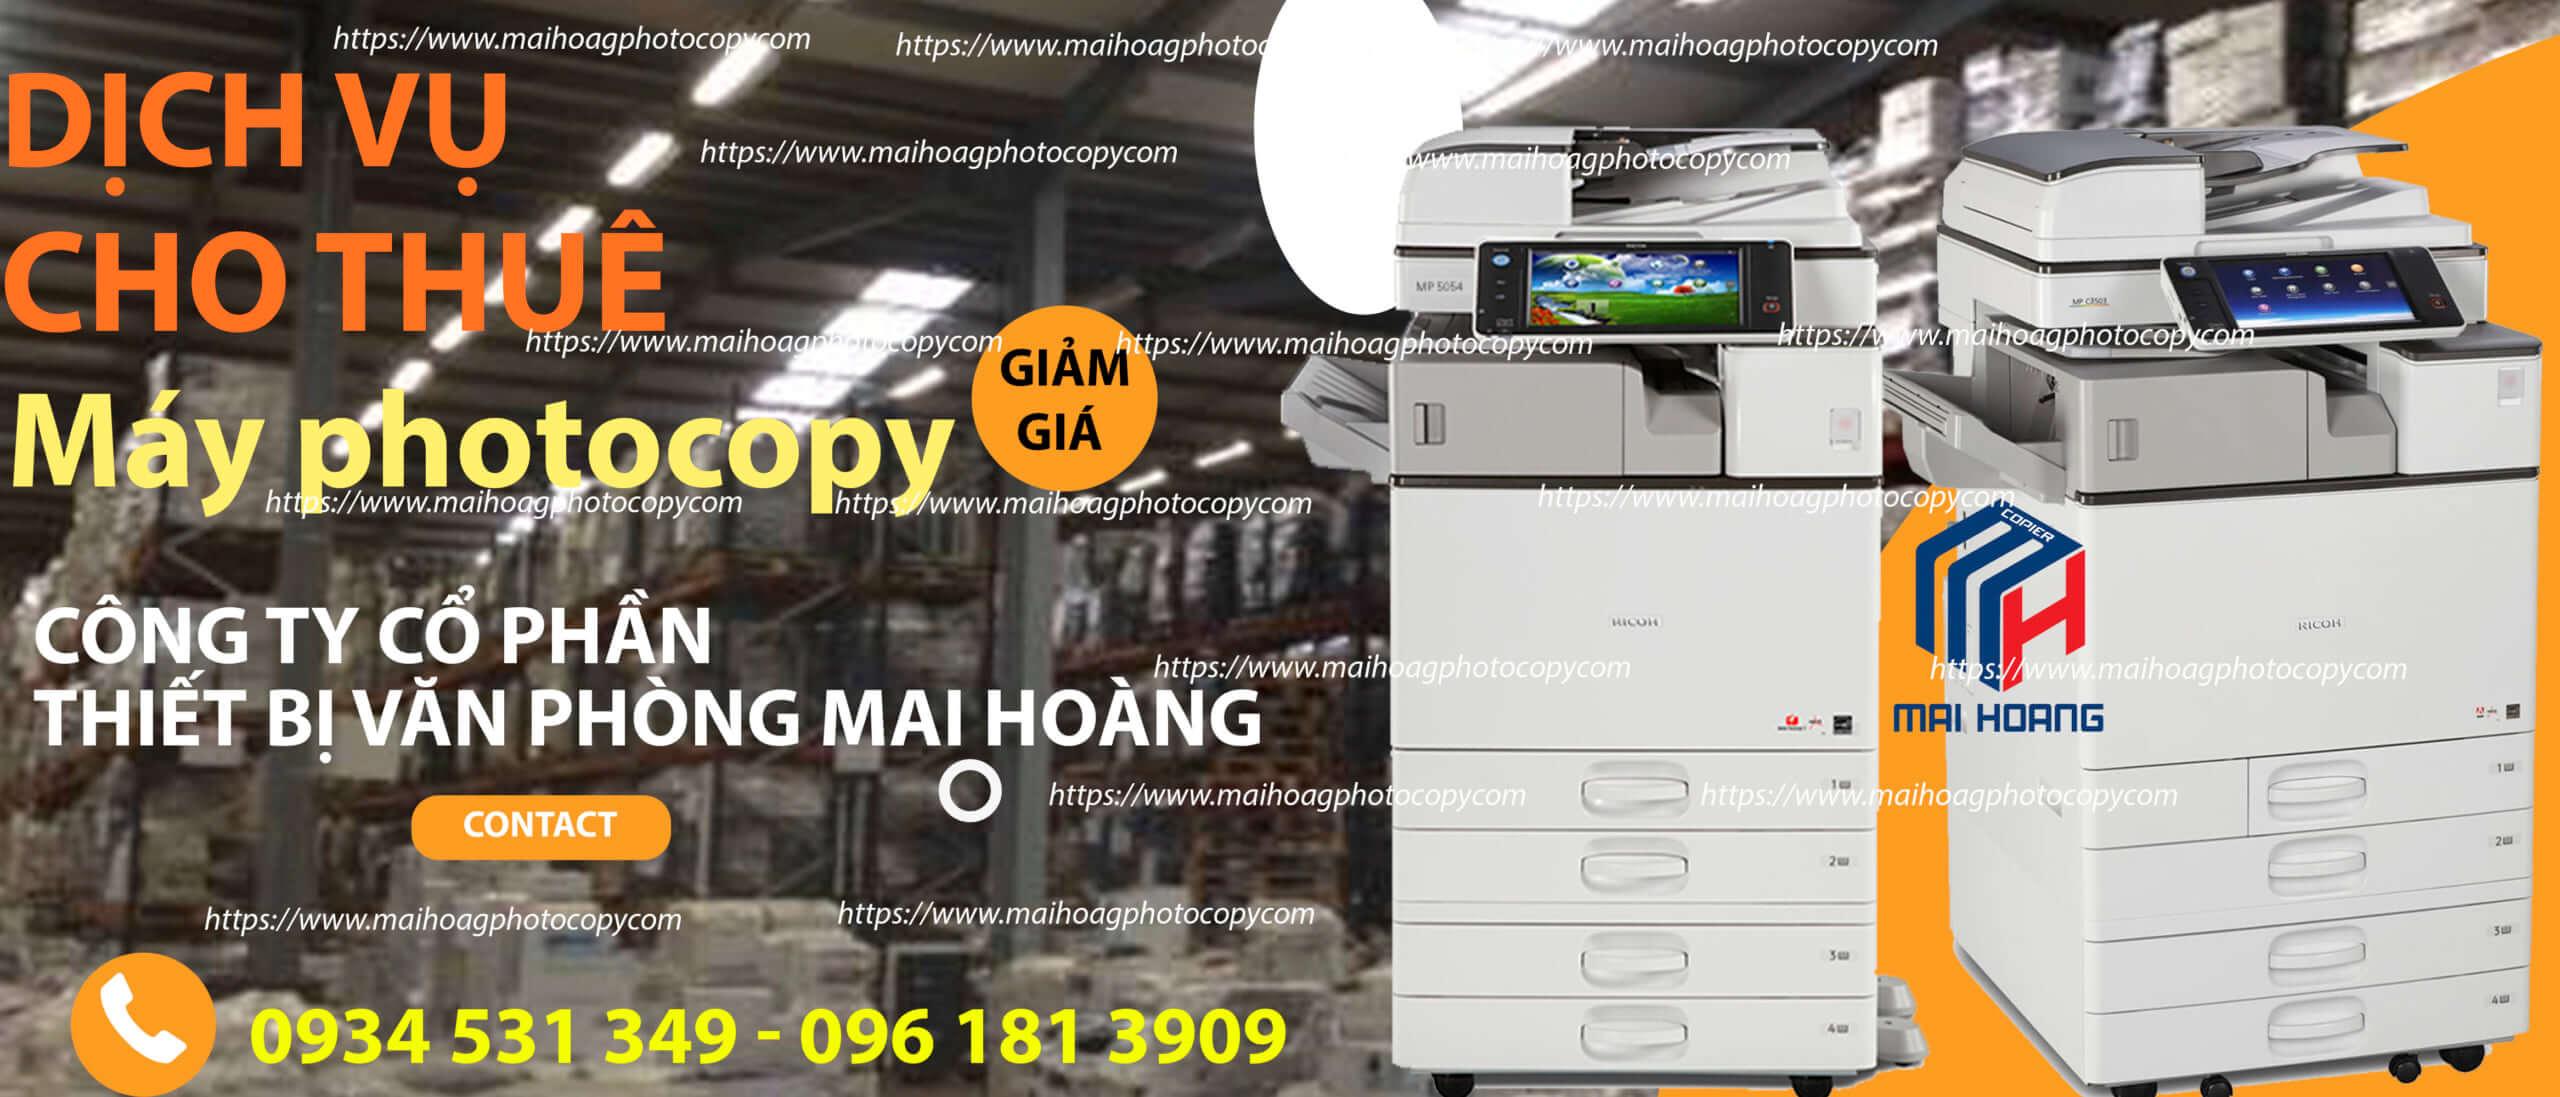 Bảng giá Dịch vụ cho thuê máy Photocopy ở Khu Công Nghiệp tân lập, cần giuộc, Long An